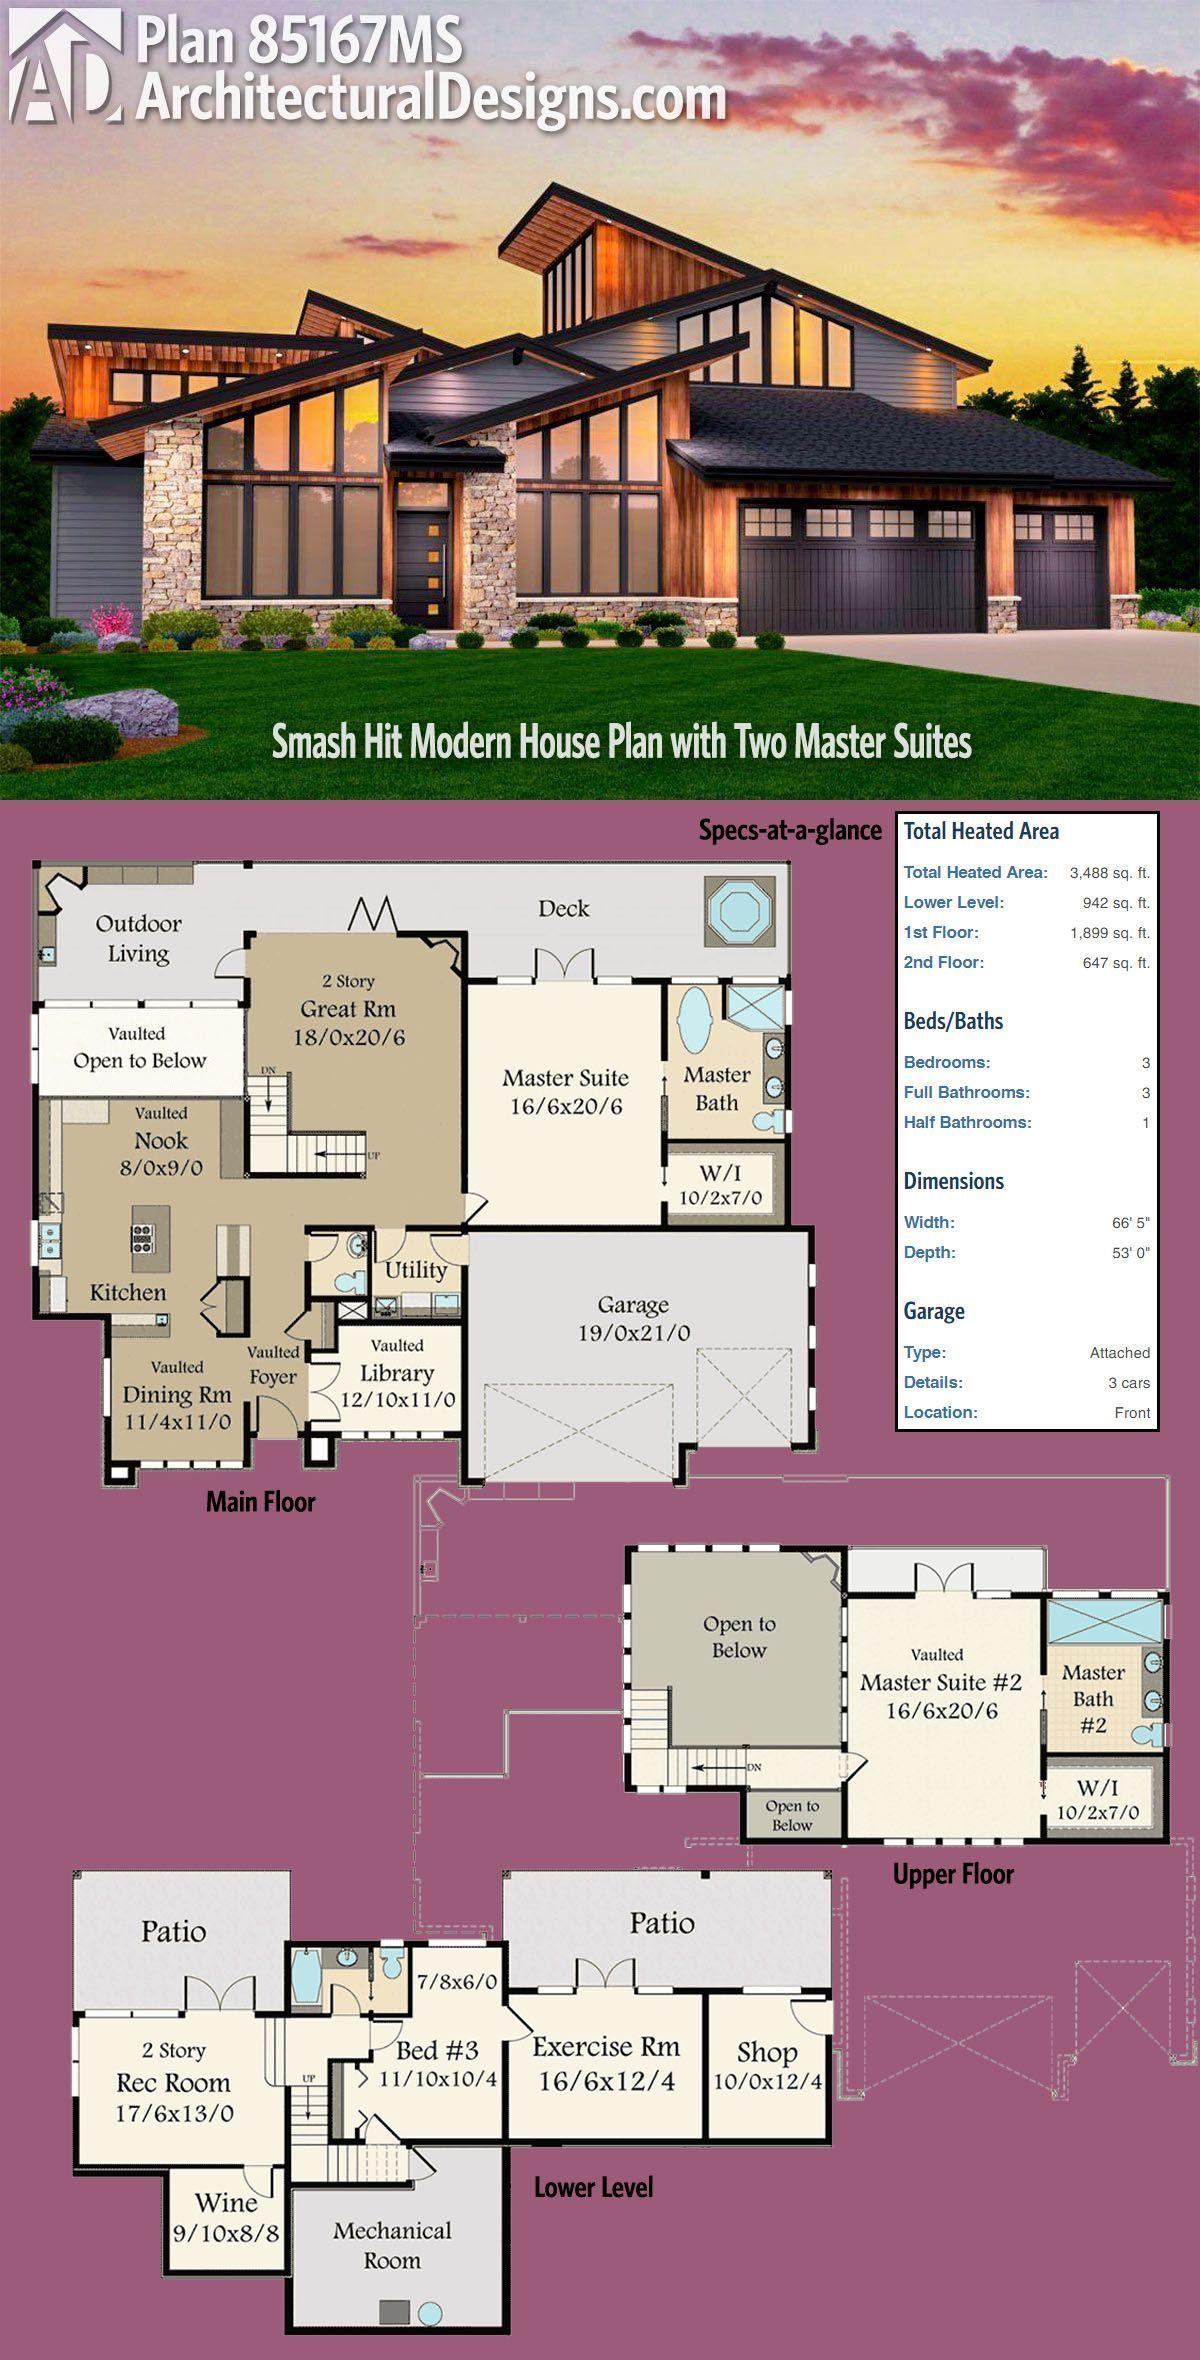 10x10 master bedroom  DesertRoseArchitectural Designs Slam Hit Modern House Plan House